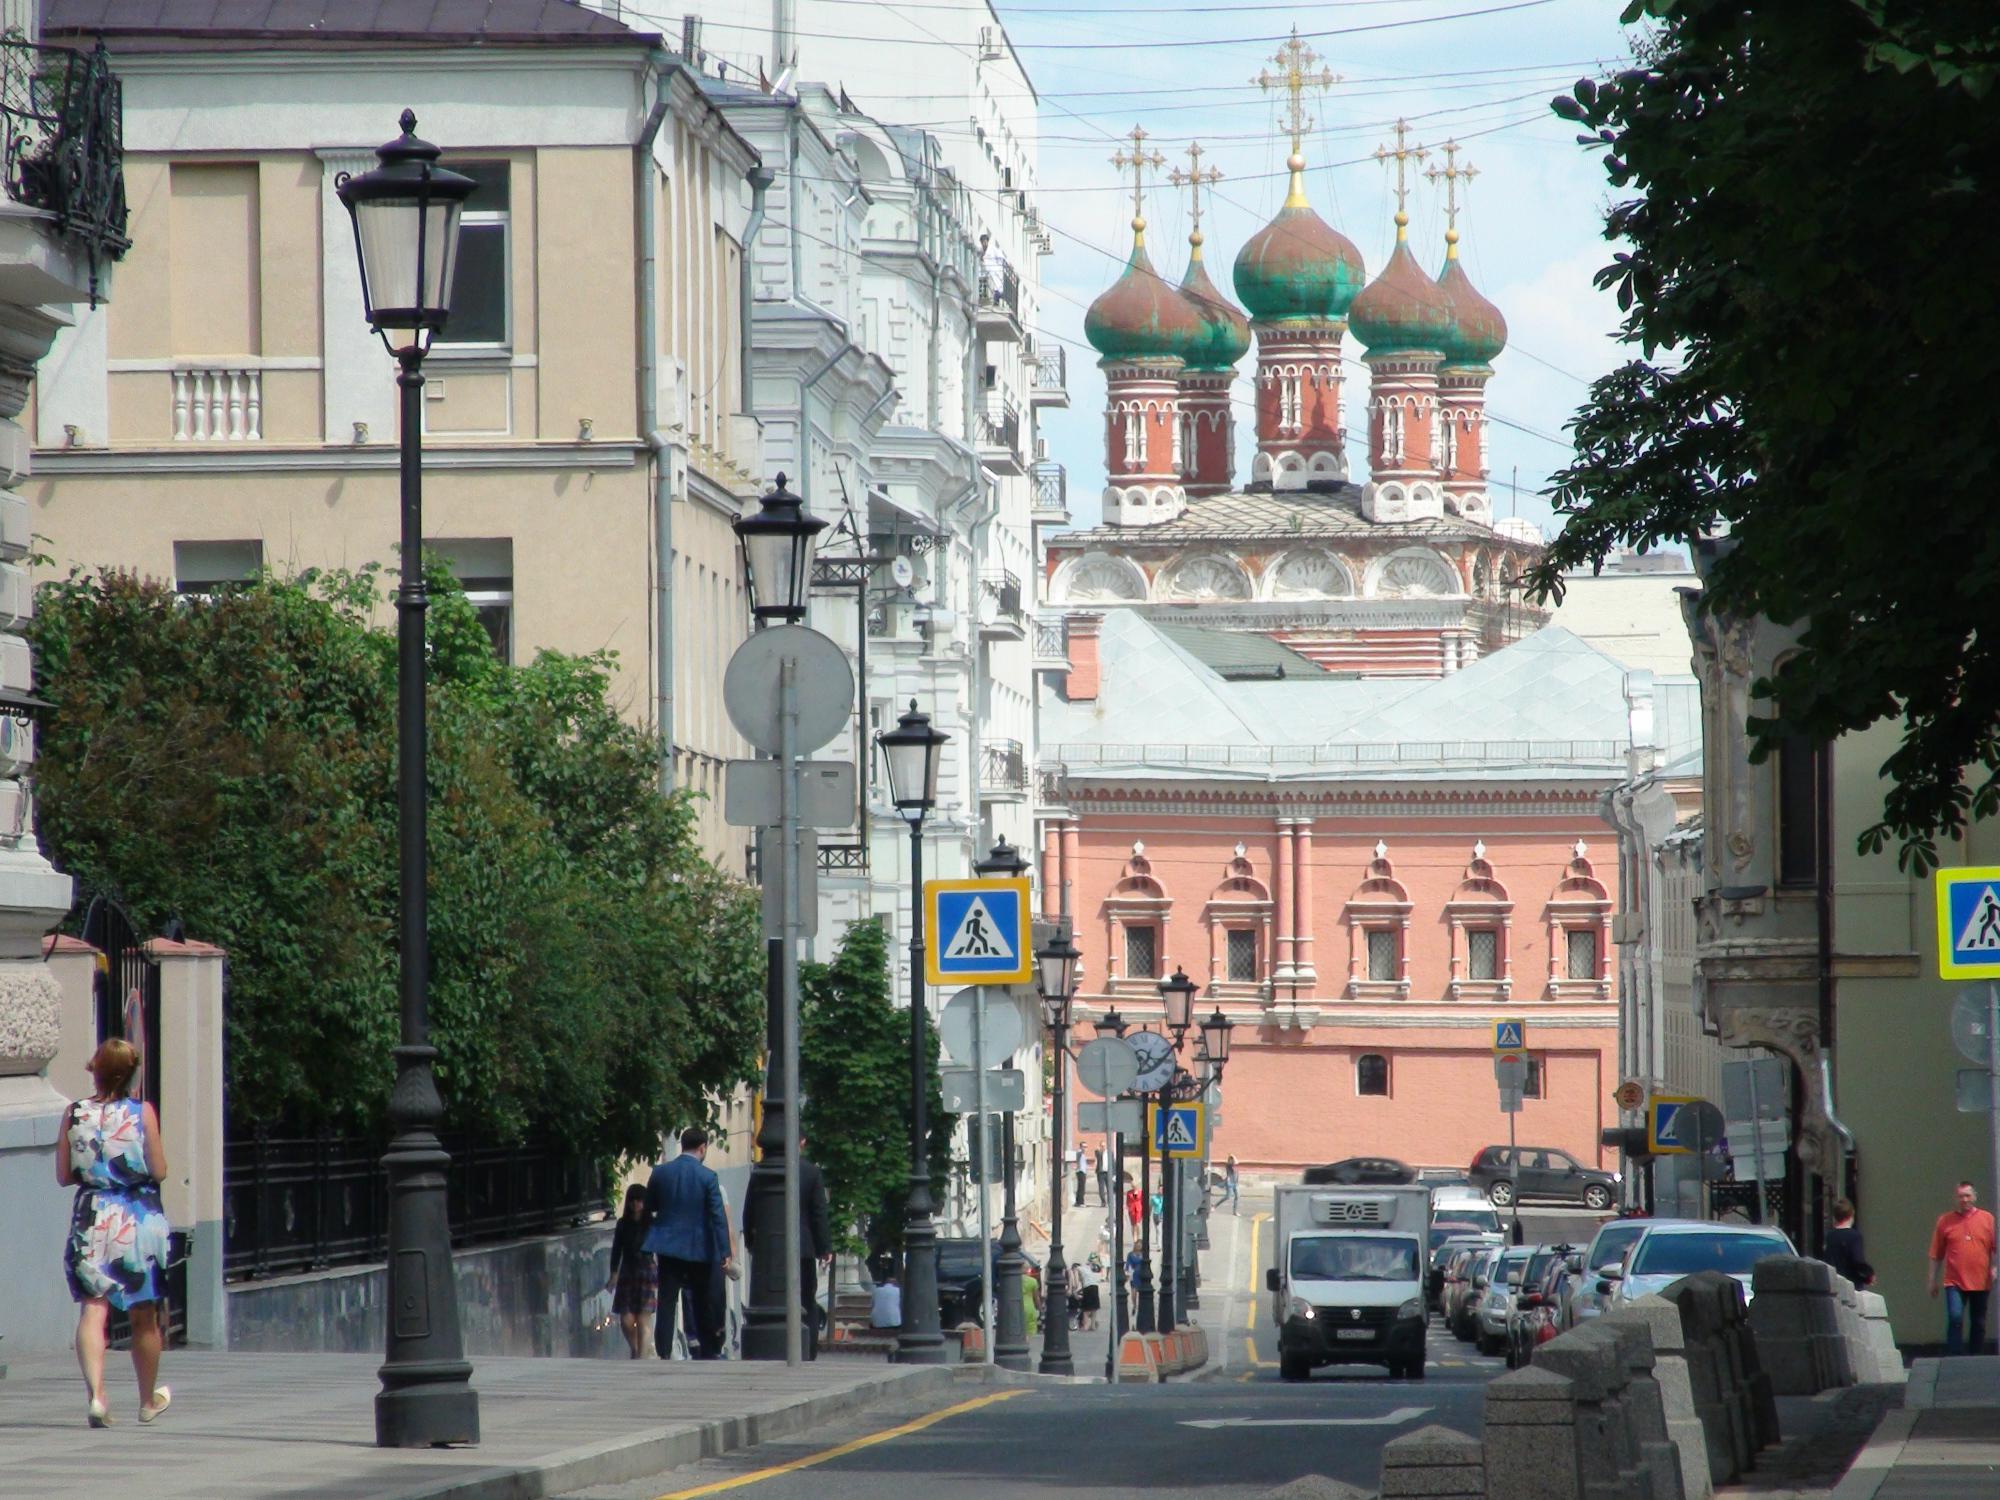 En general los moscovitas están contentos con la reestructuración de muchas calles, pero los conductores no tanto. En la foto el Callejón Petrovskiy, con una vista de las torres del Monasterio Visoko-Petrovskiy. Foto: Daria Shuváeva